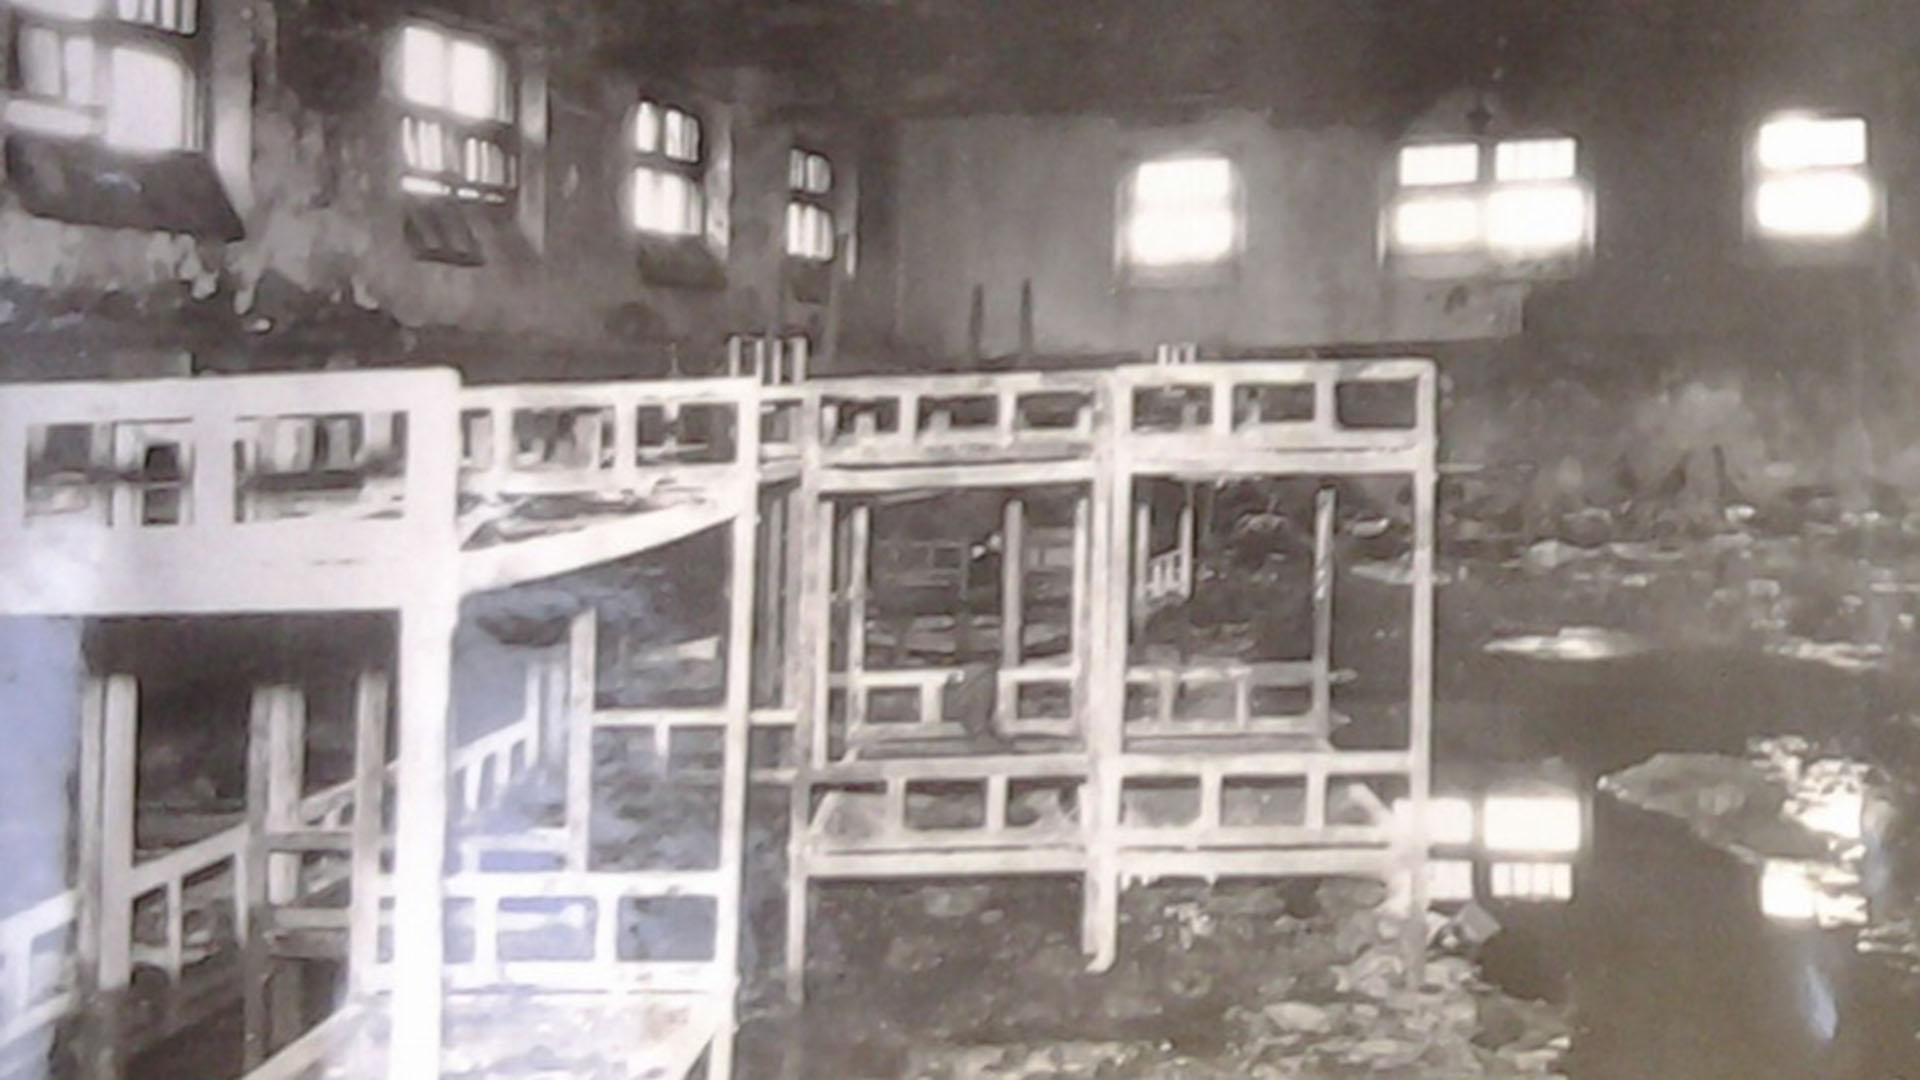 Las camas de hierro multiplicaron el calor y quemaron a los reclusos que buscaban refugio